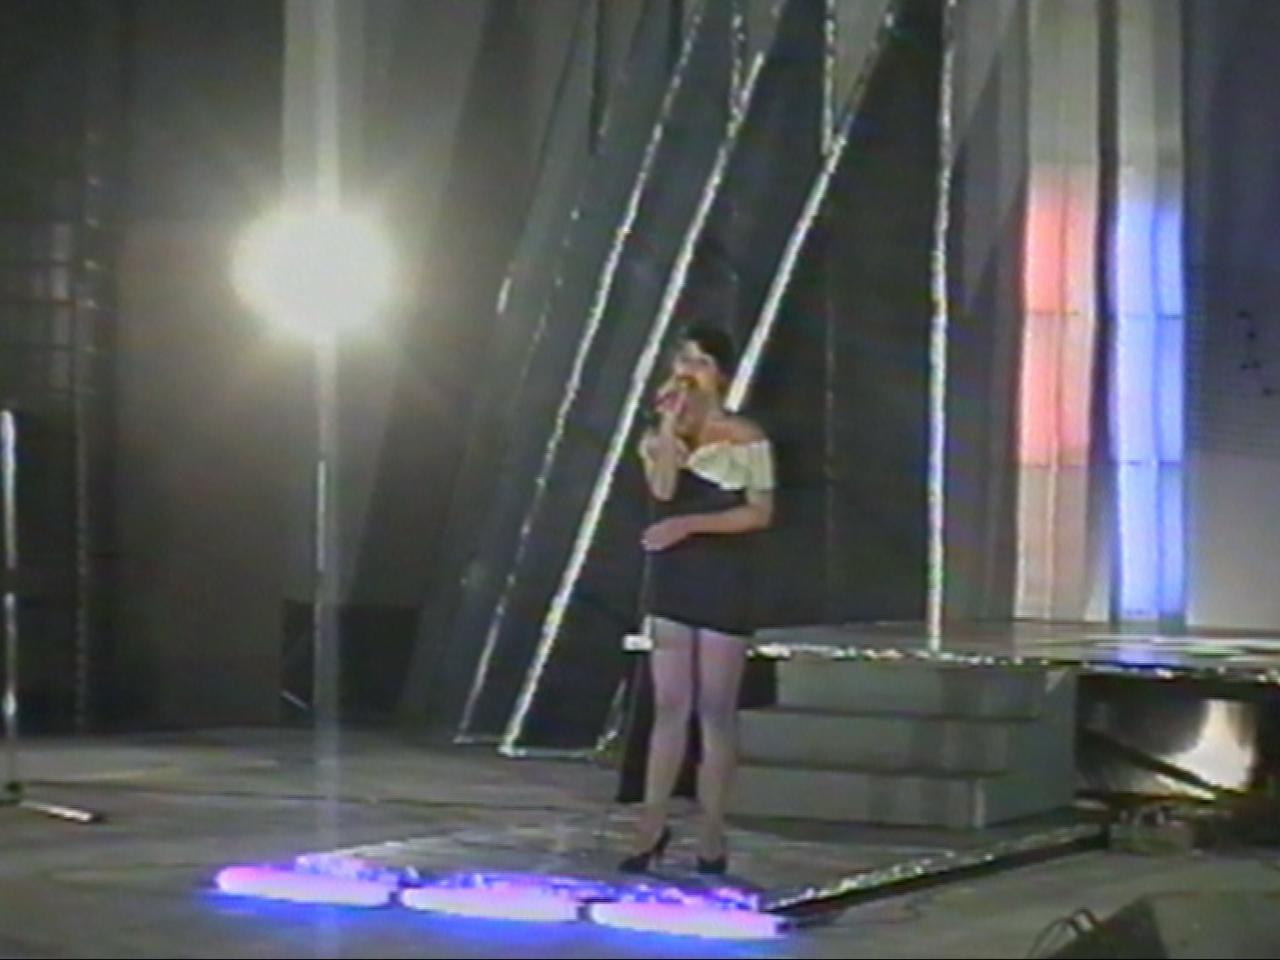 Amara 1994 - Mentiune - Nicoleta Stoian.jpg